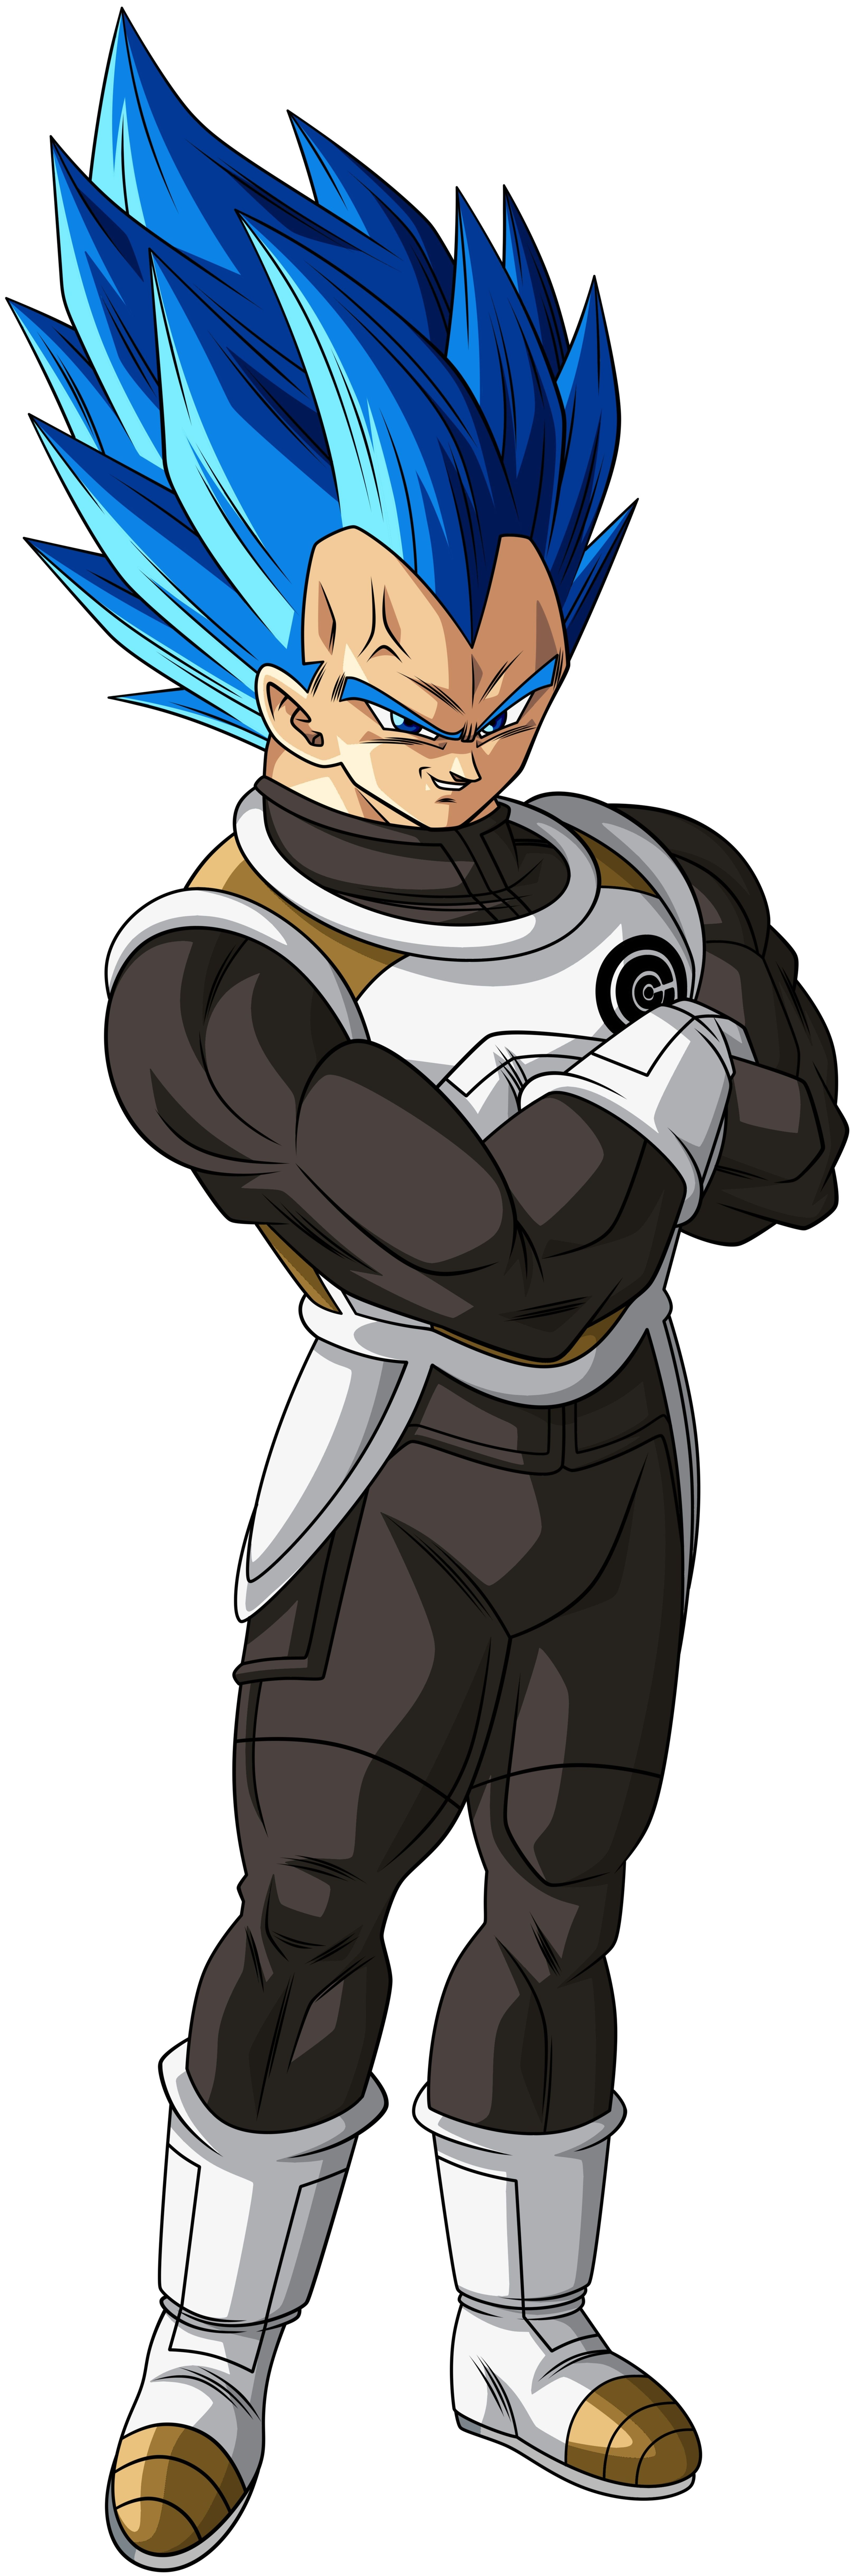 Vegeta Ssj Blue Full Power Universo 7 Anime Dragon Ball Super Dragon Ball Super Manga Anime Dragon Ball